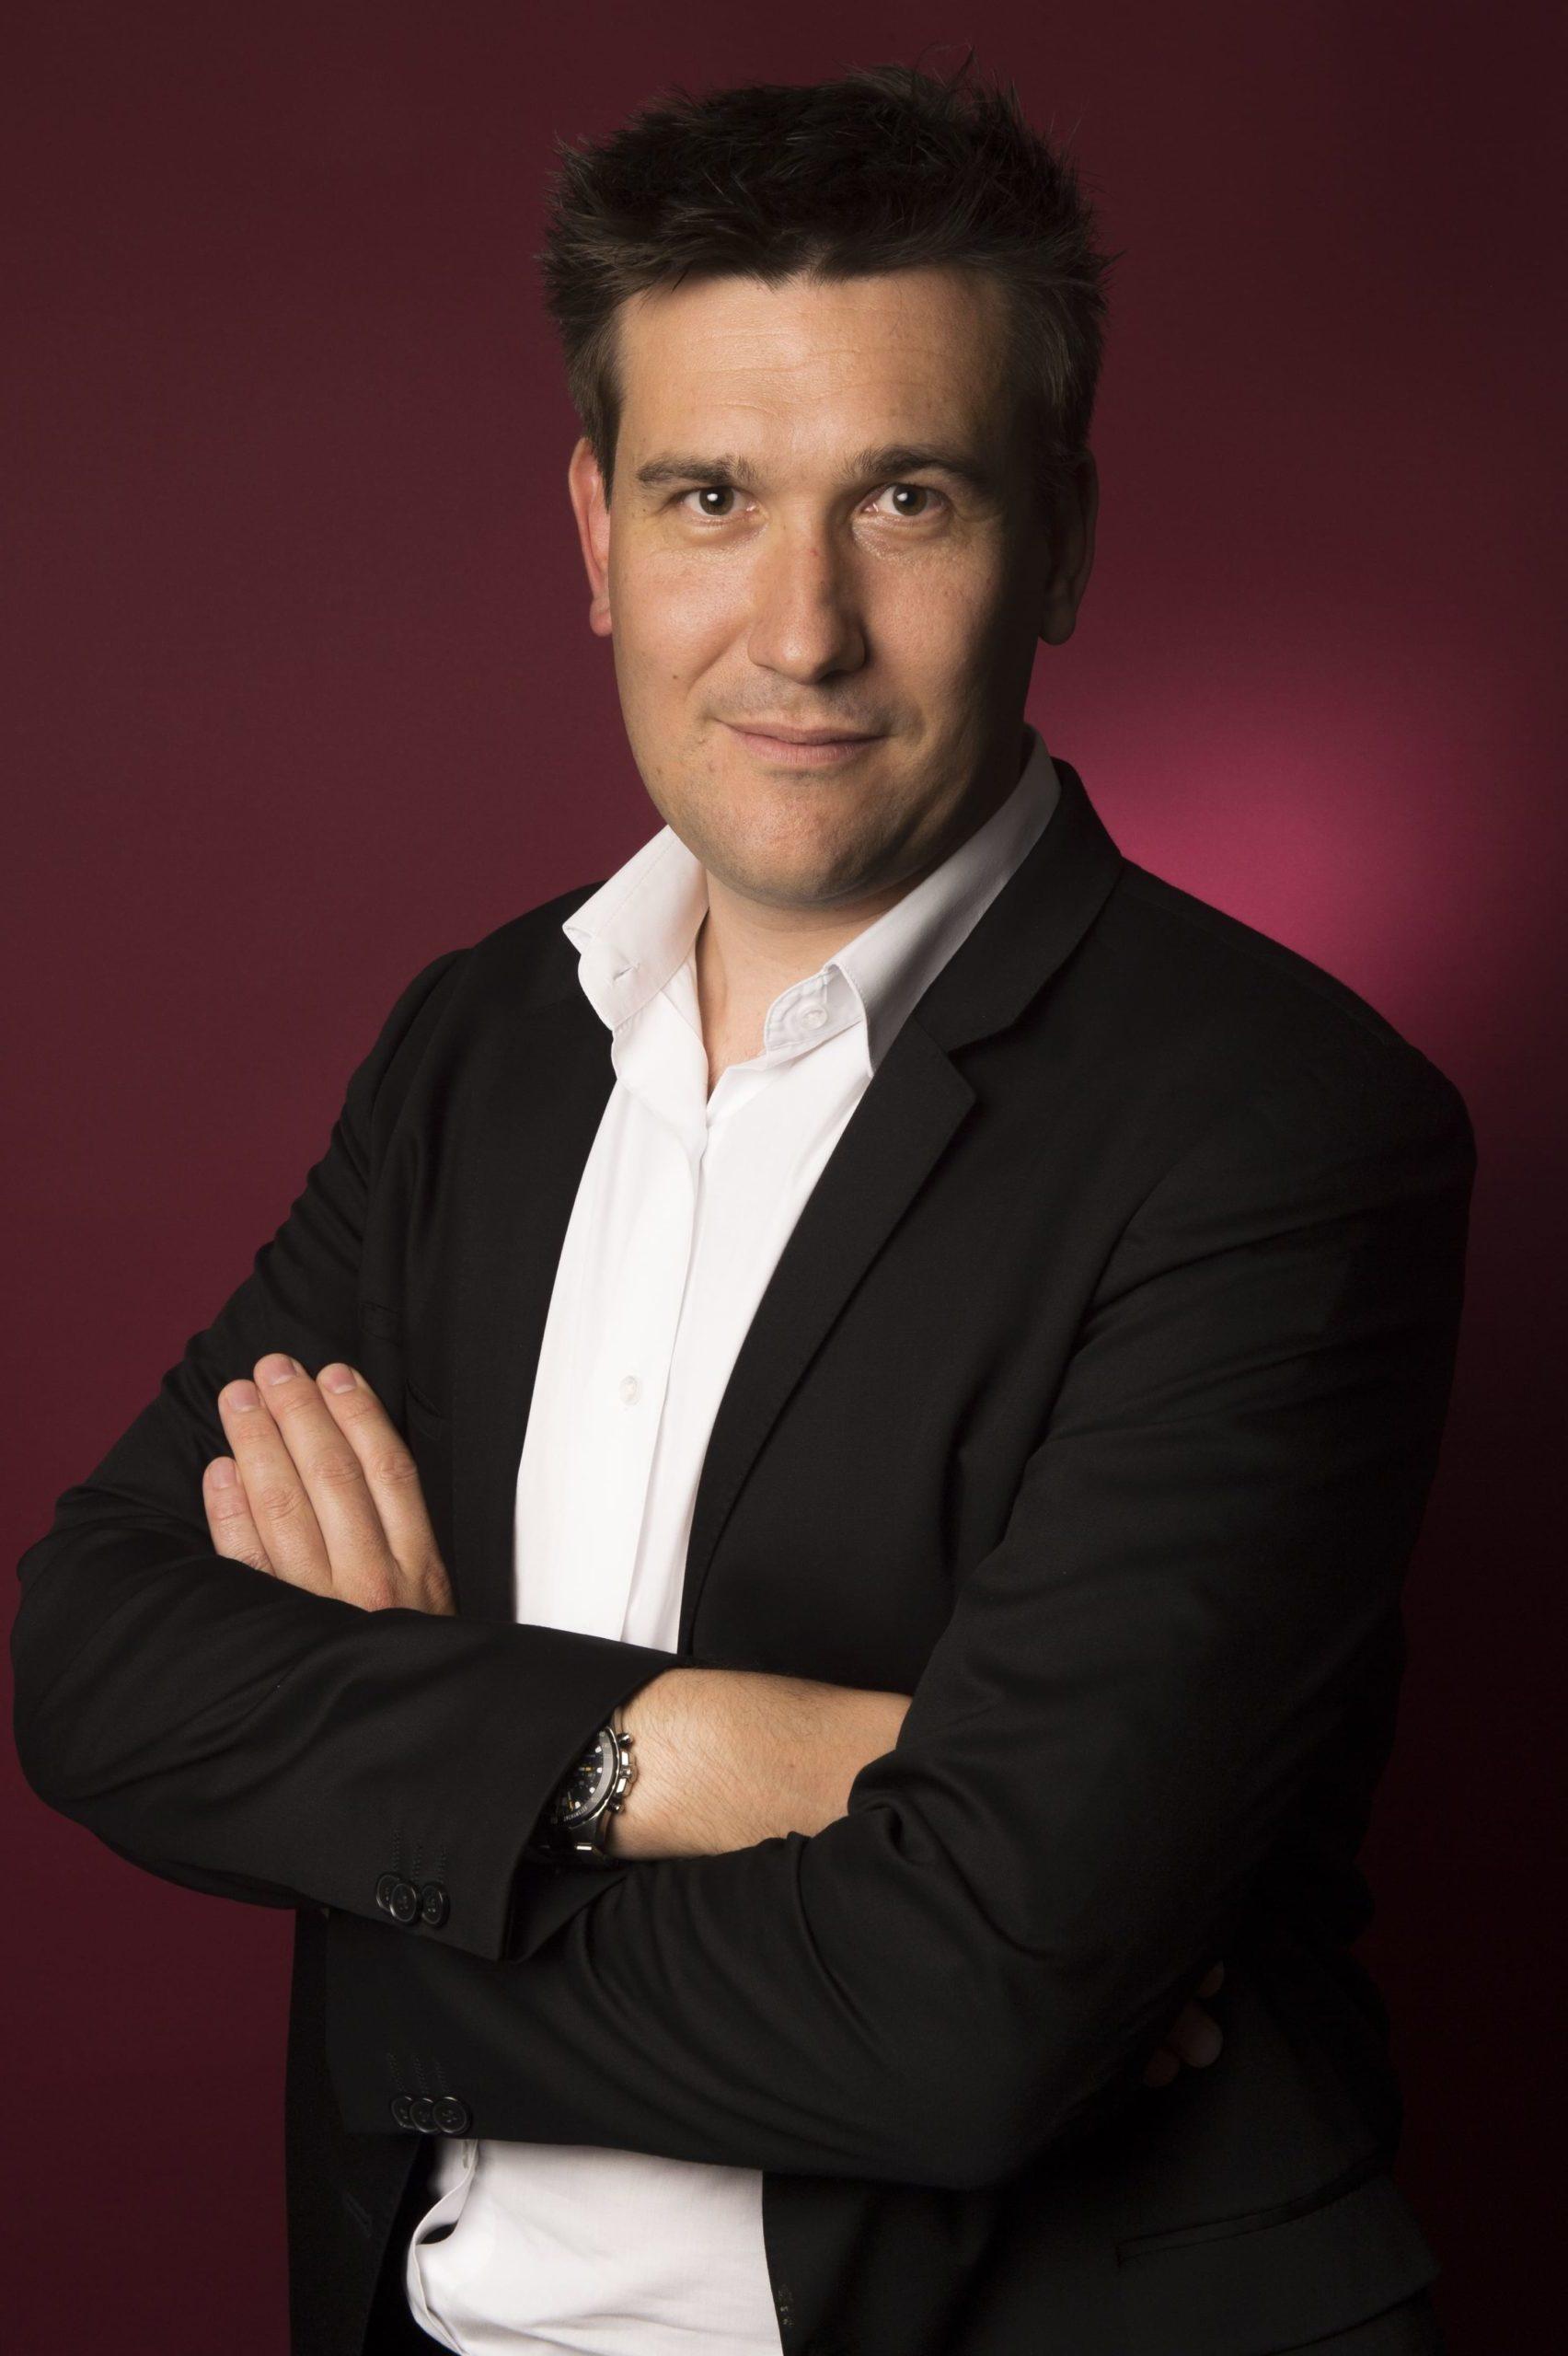 Frederic Le Landais